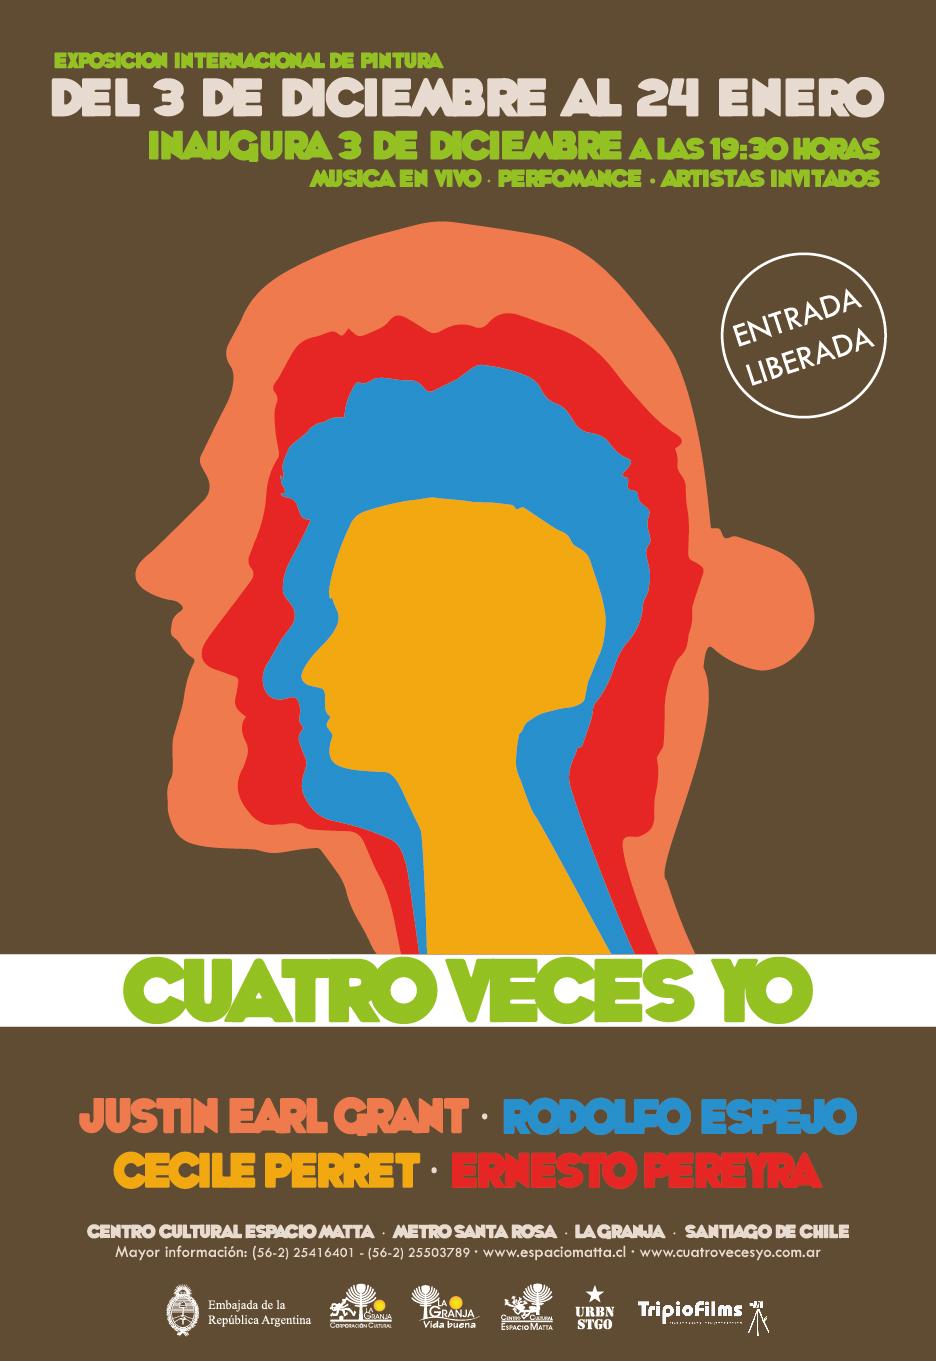 Poster Cuatro Veces Yo. Exhibition: Espacio Matta, Santiago de Chile, 2015.